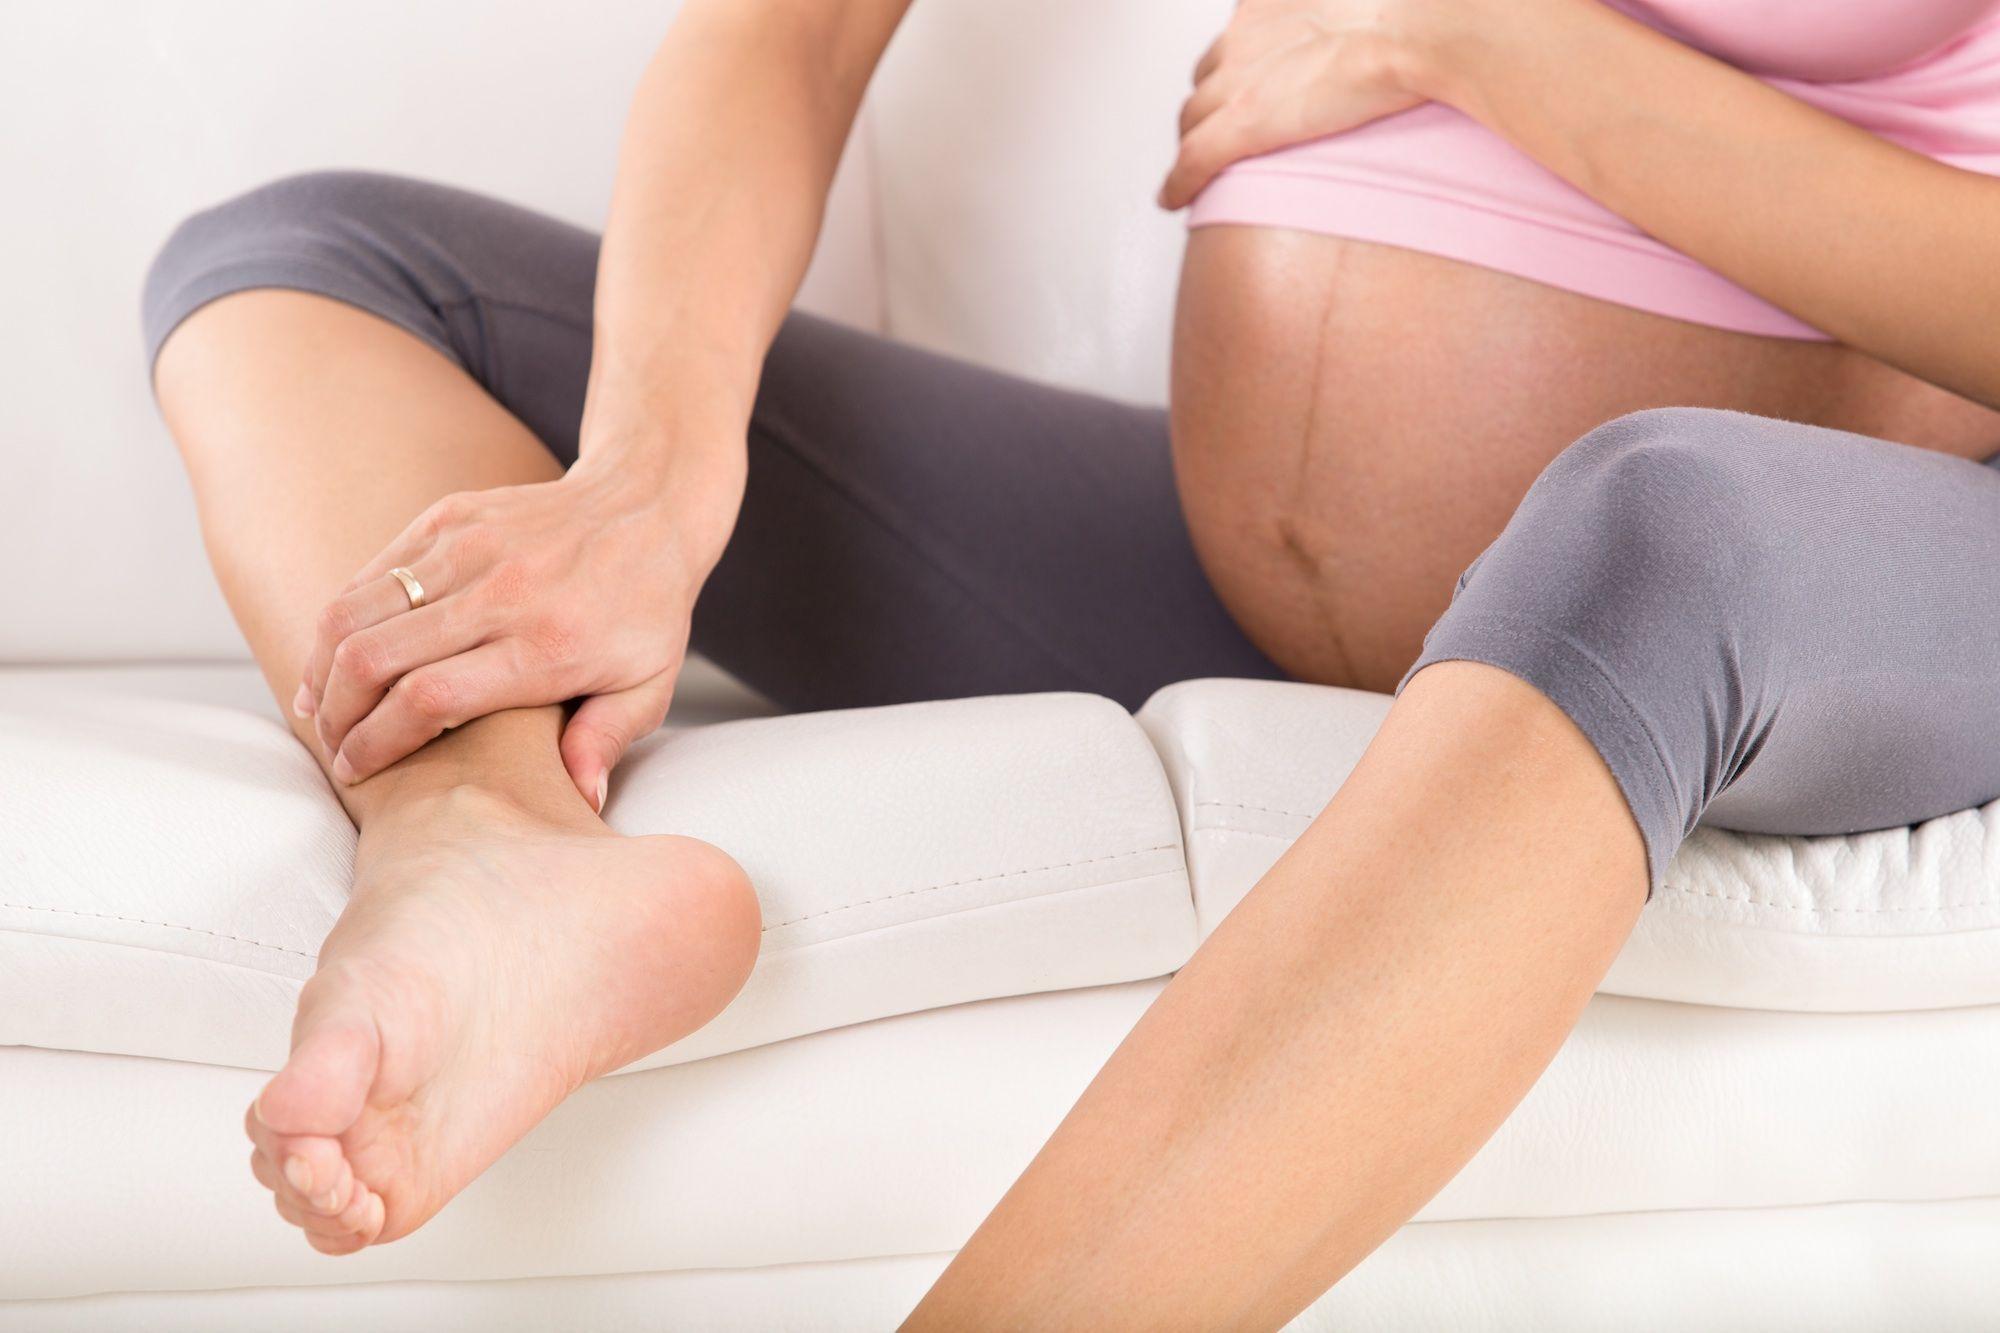 Douleurs aux pieds pendant la grossesse